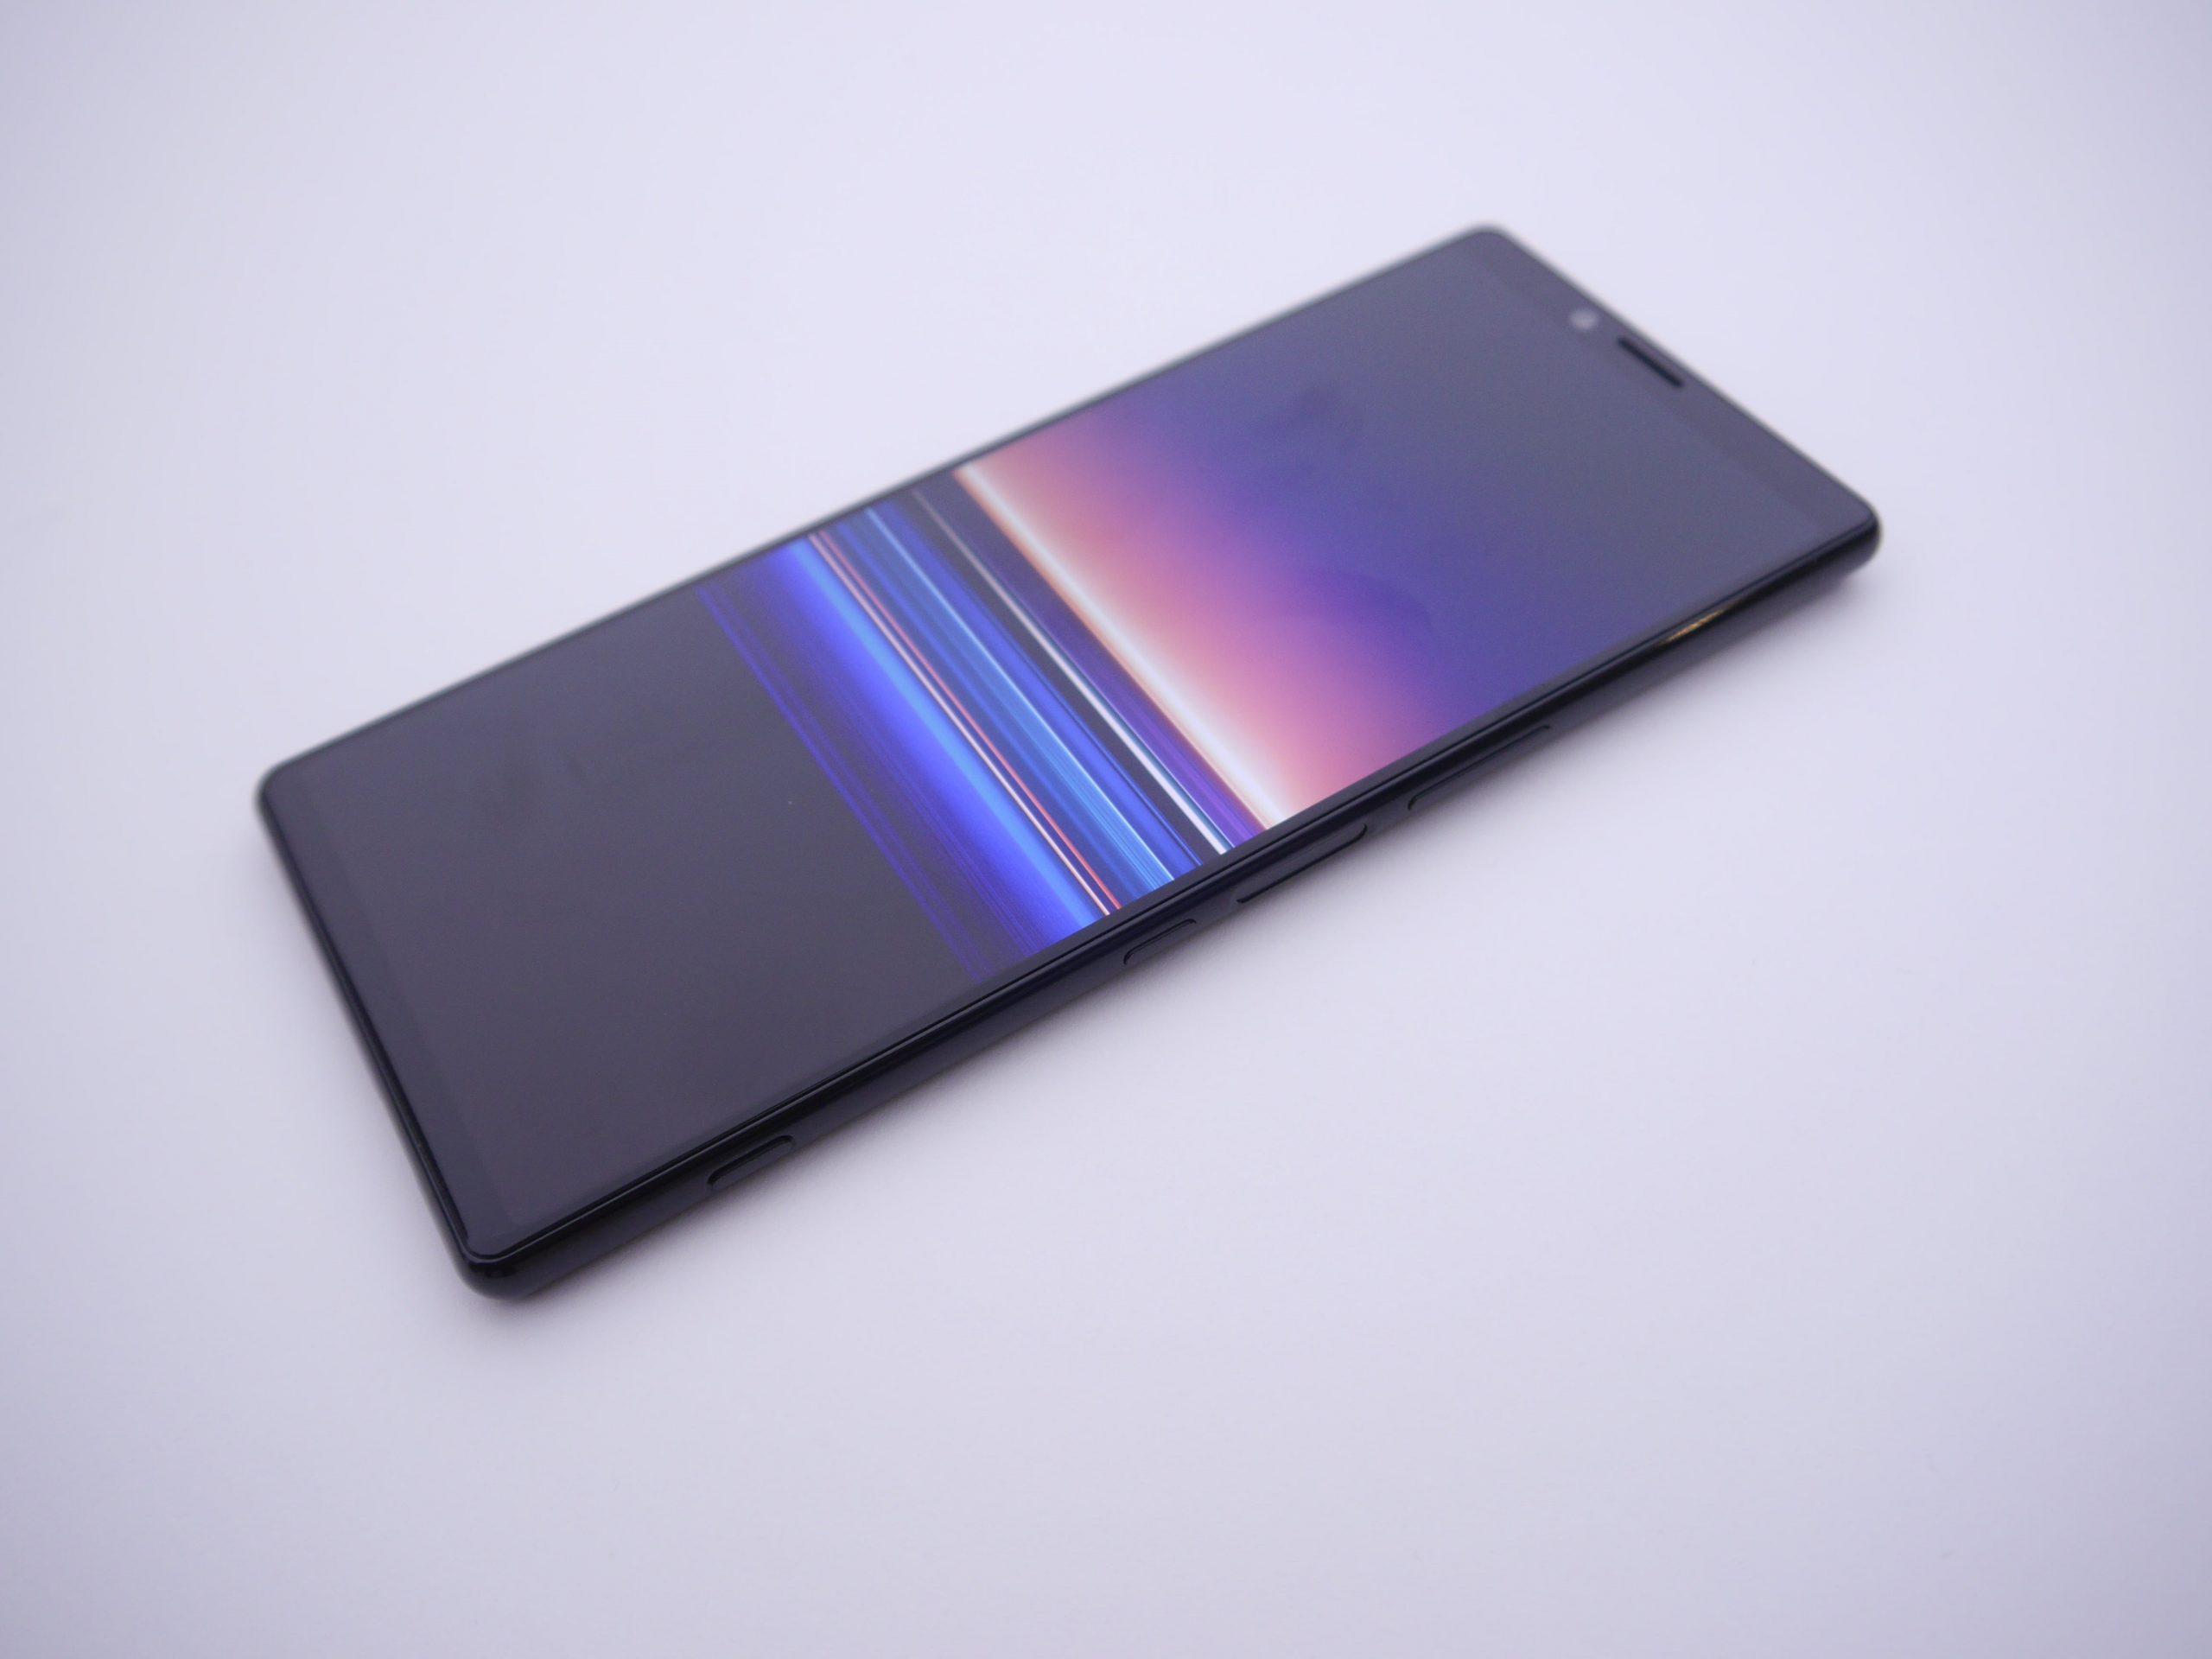 xperia-2-ekrani-ile-rakiplerine-goz-dagi-verecek